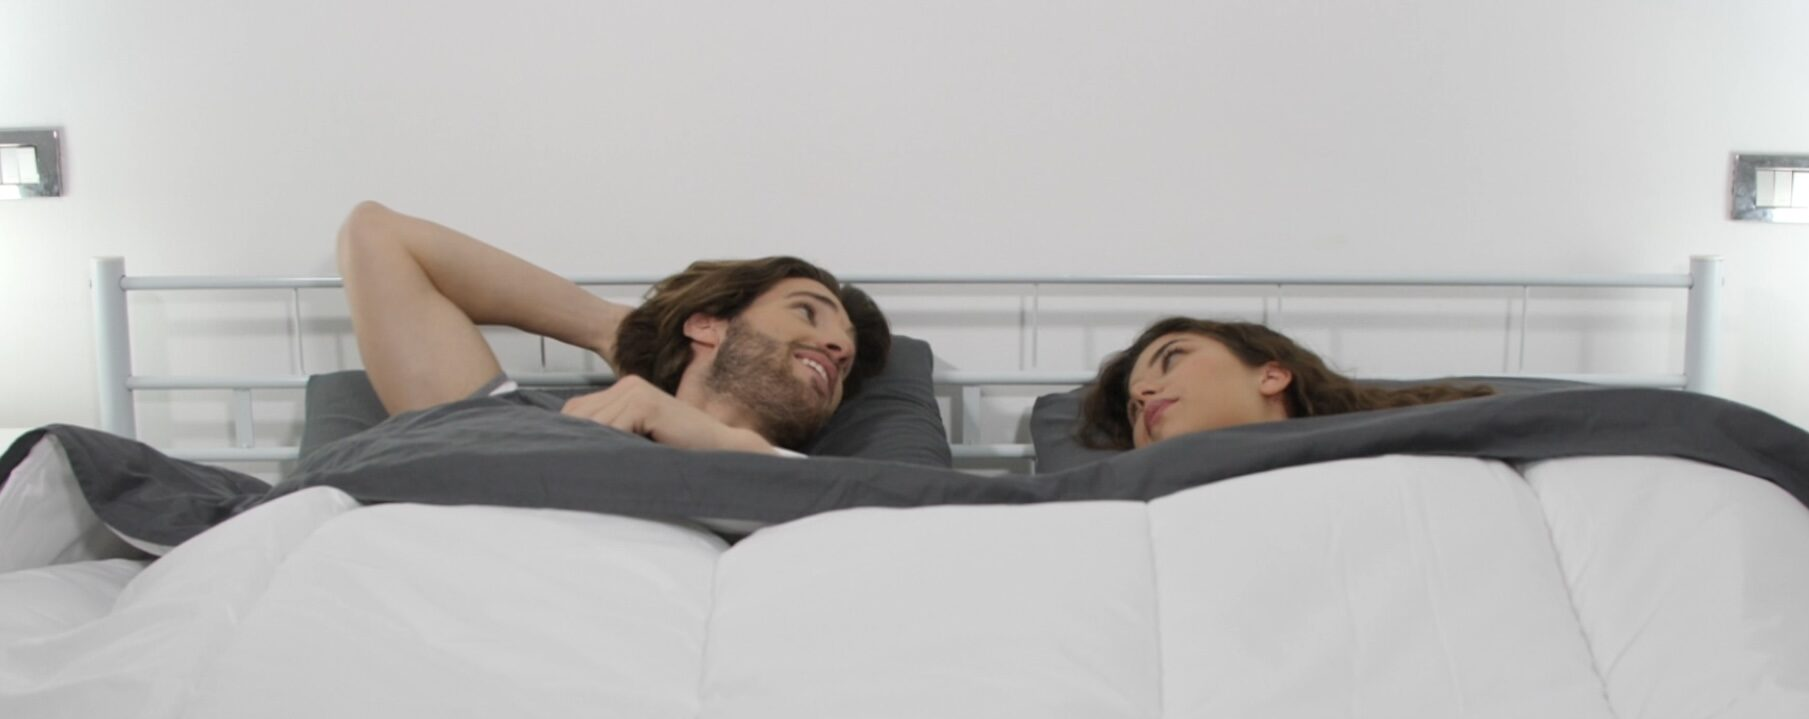 Le fasi del sonno